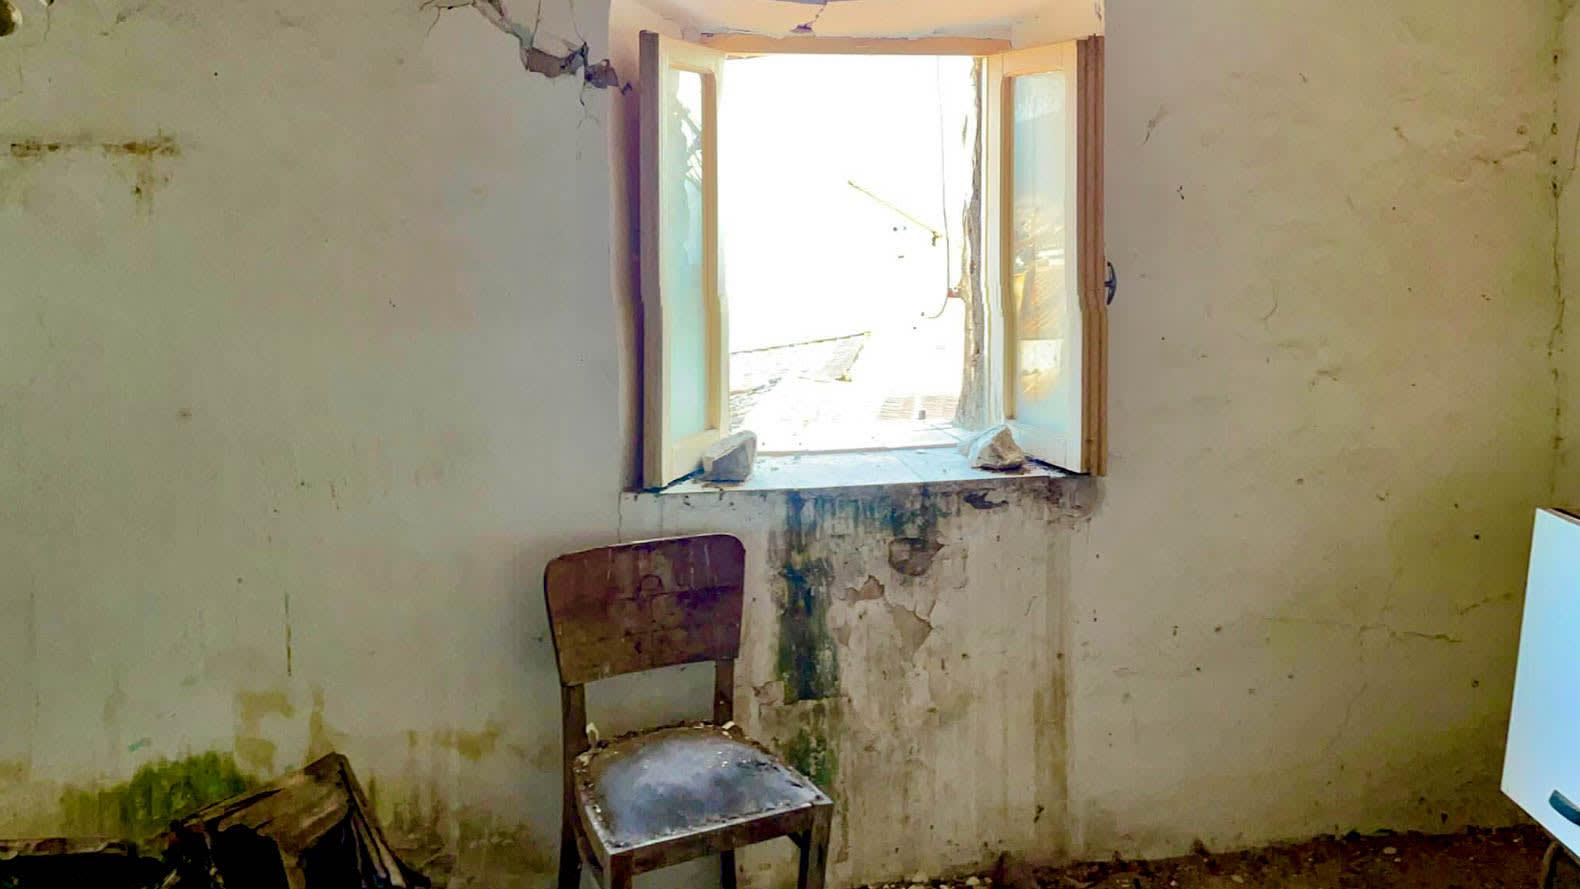 قرية قريبة من روما تنضم إلى مبادرة لبيع المنازل بسعر يورو واحد